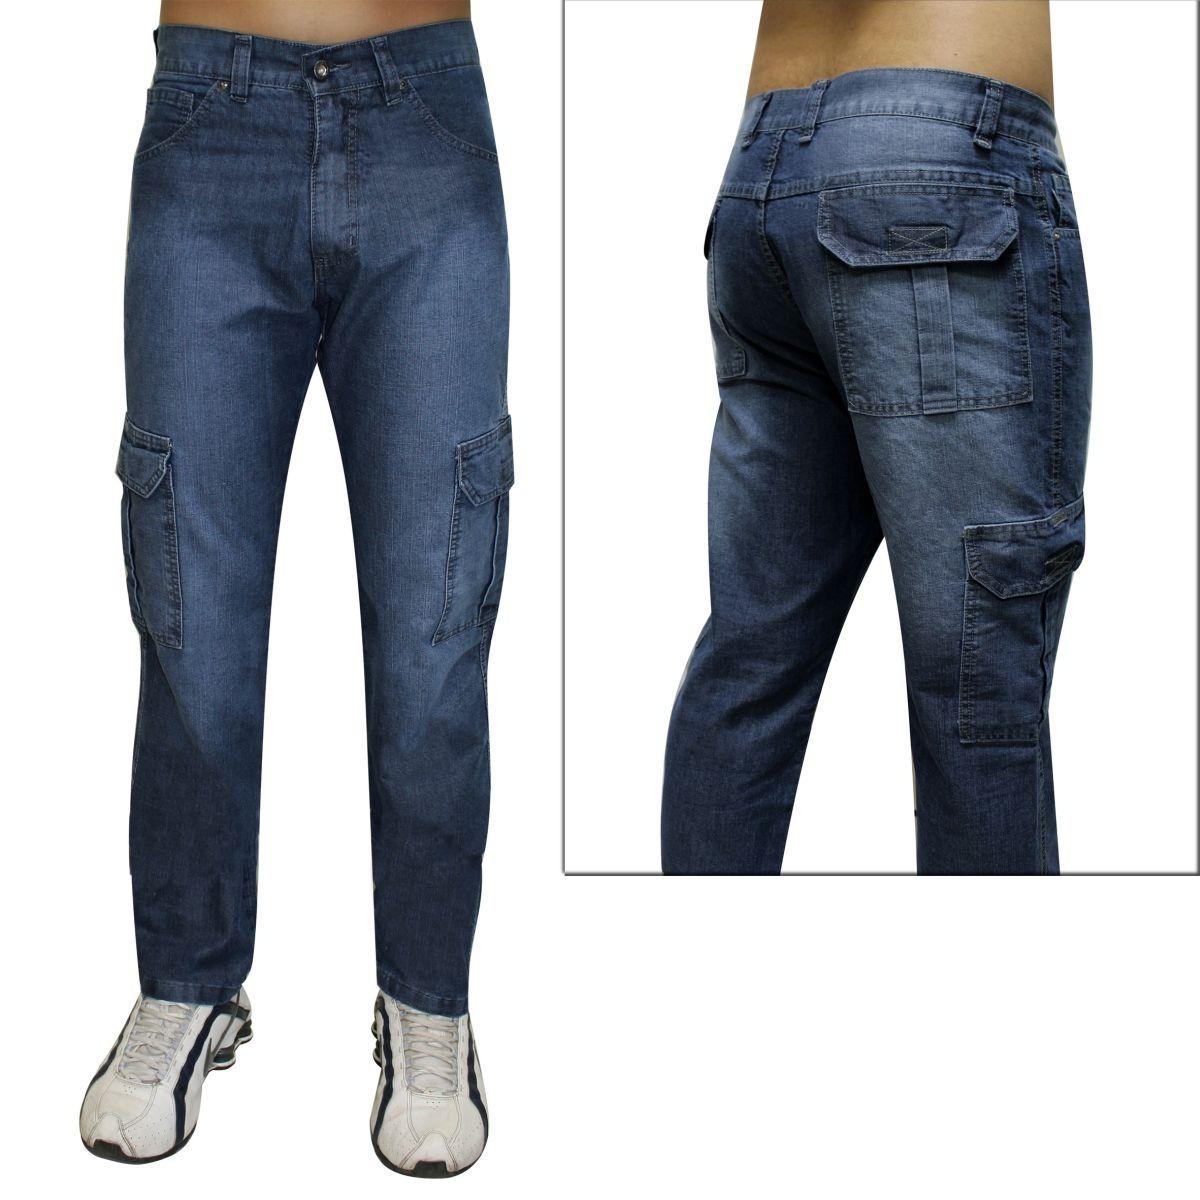 3fcb9f9ac calça jeans cargo masculina - direto da fábrica. Carregando zoom.